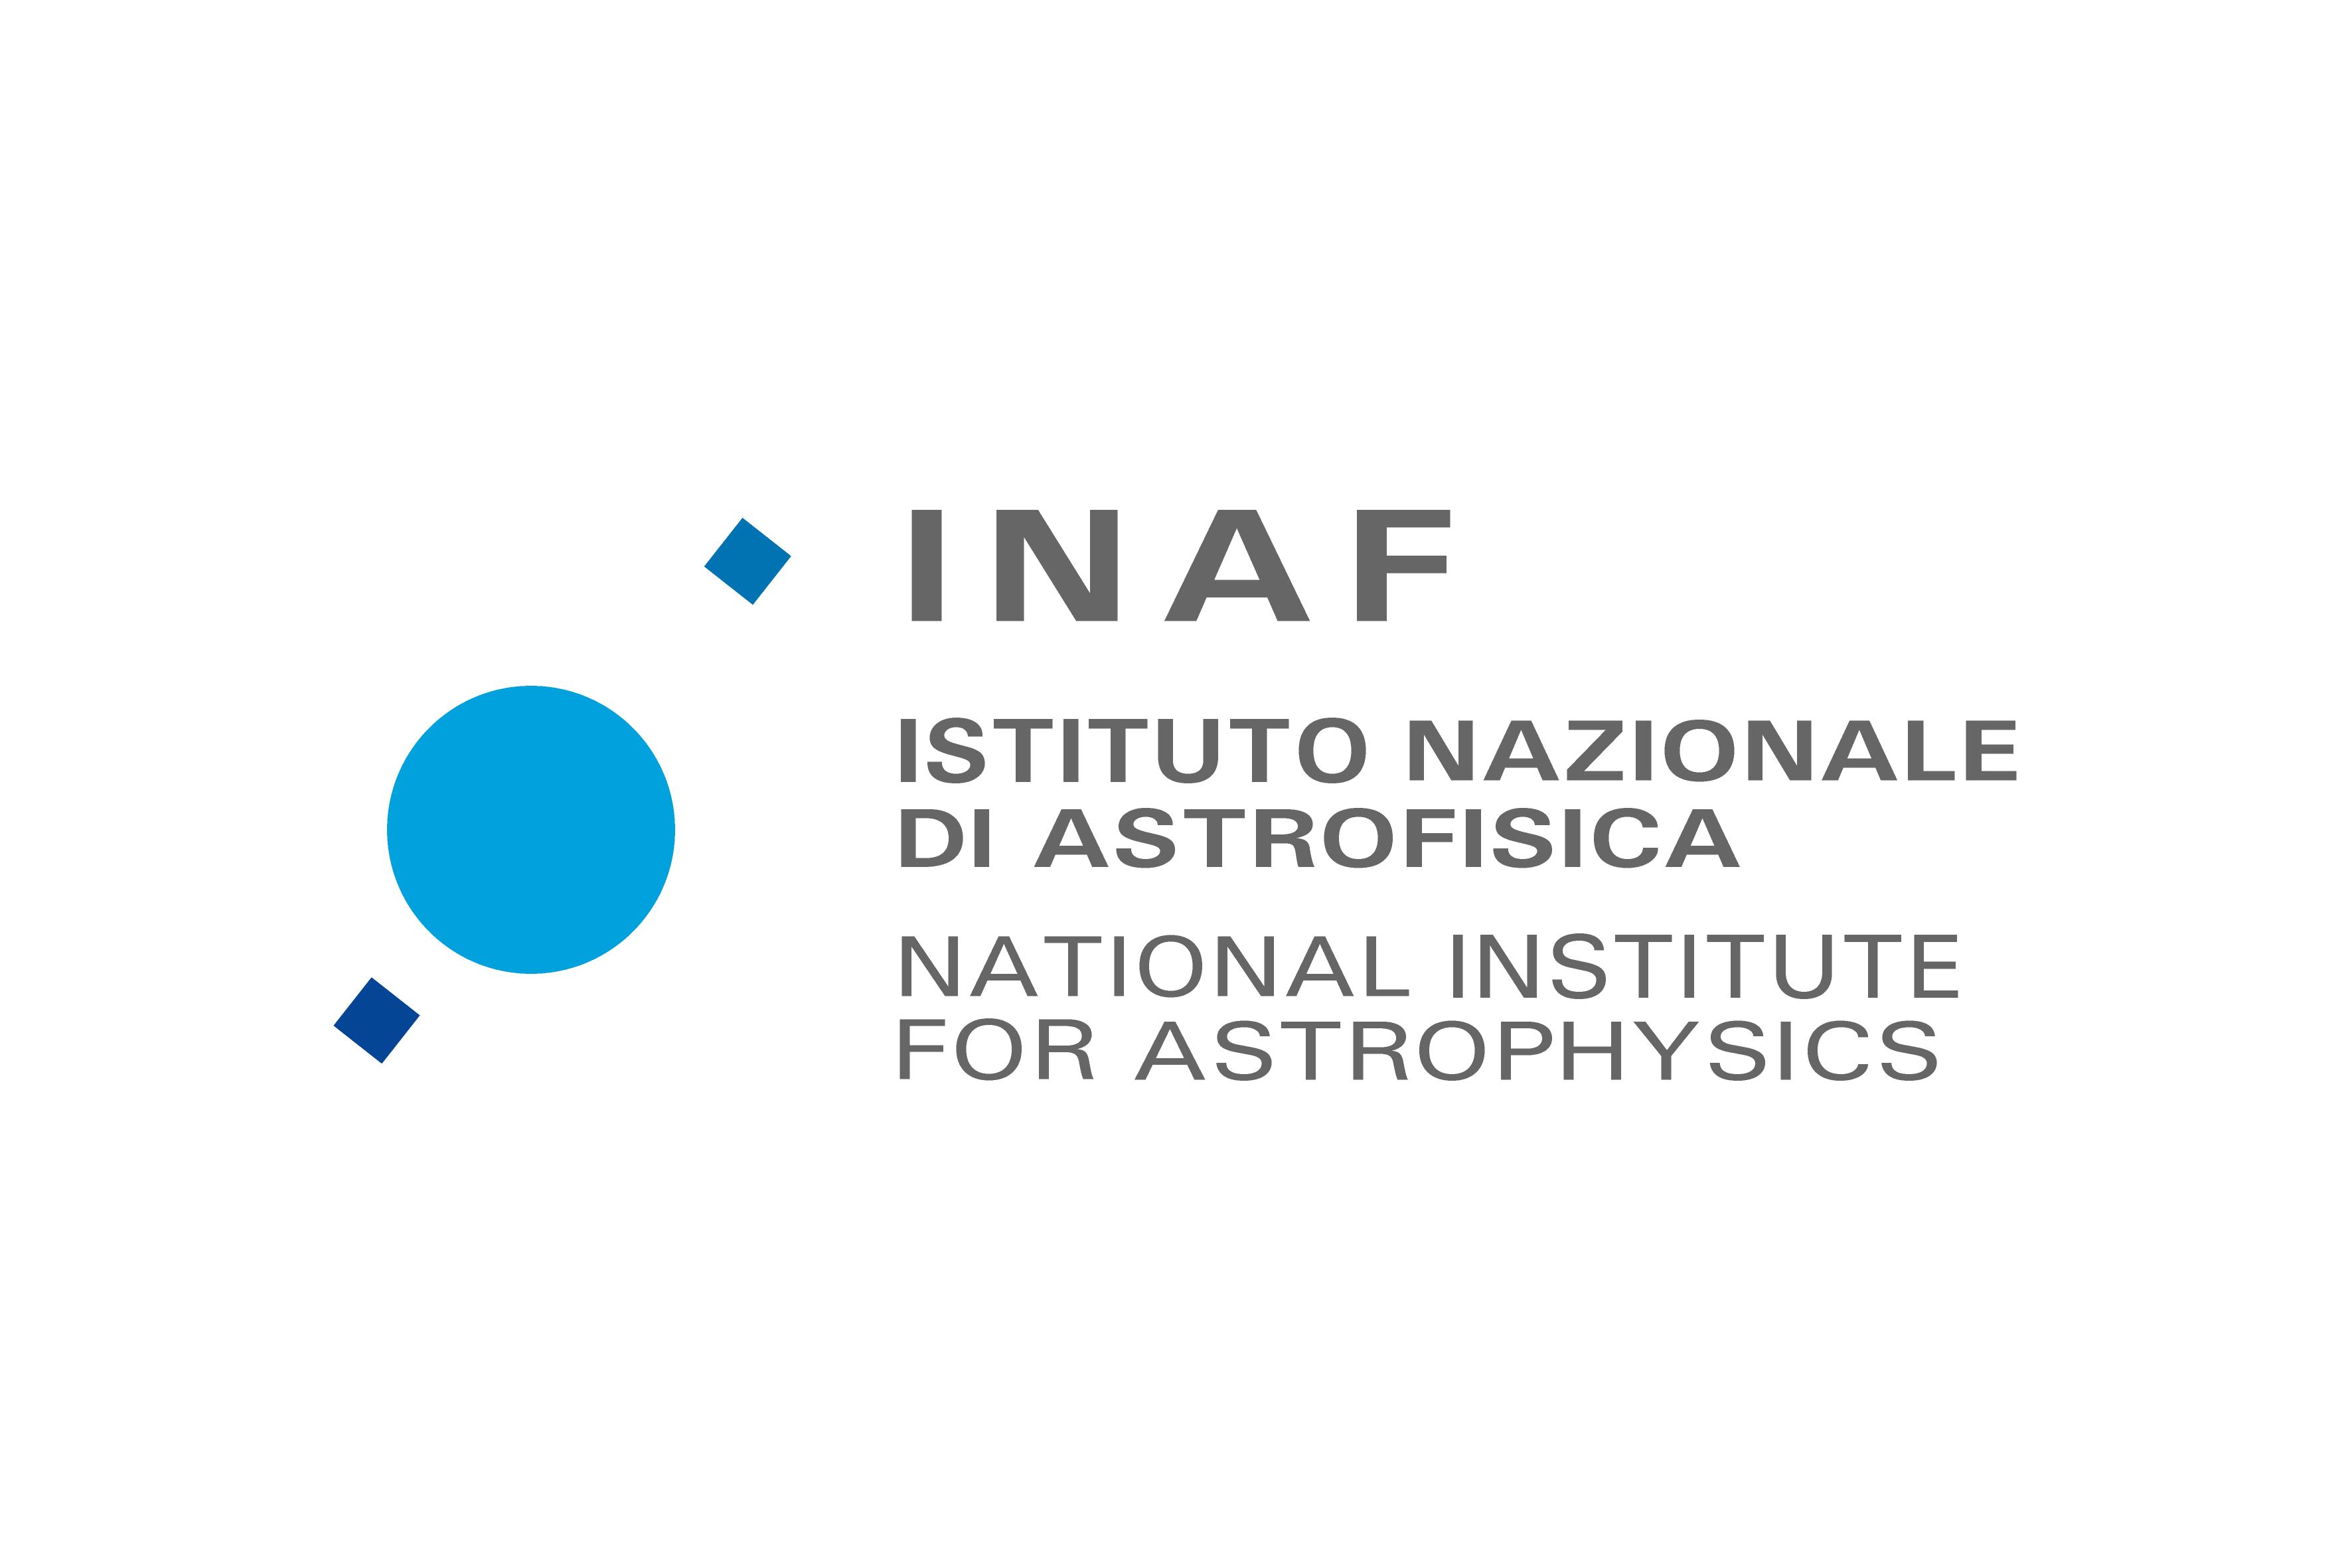 Convocazione del Consiglio di Amministrazione dell'INAF